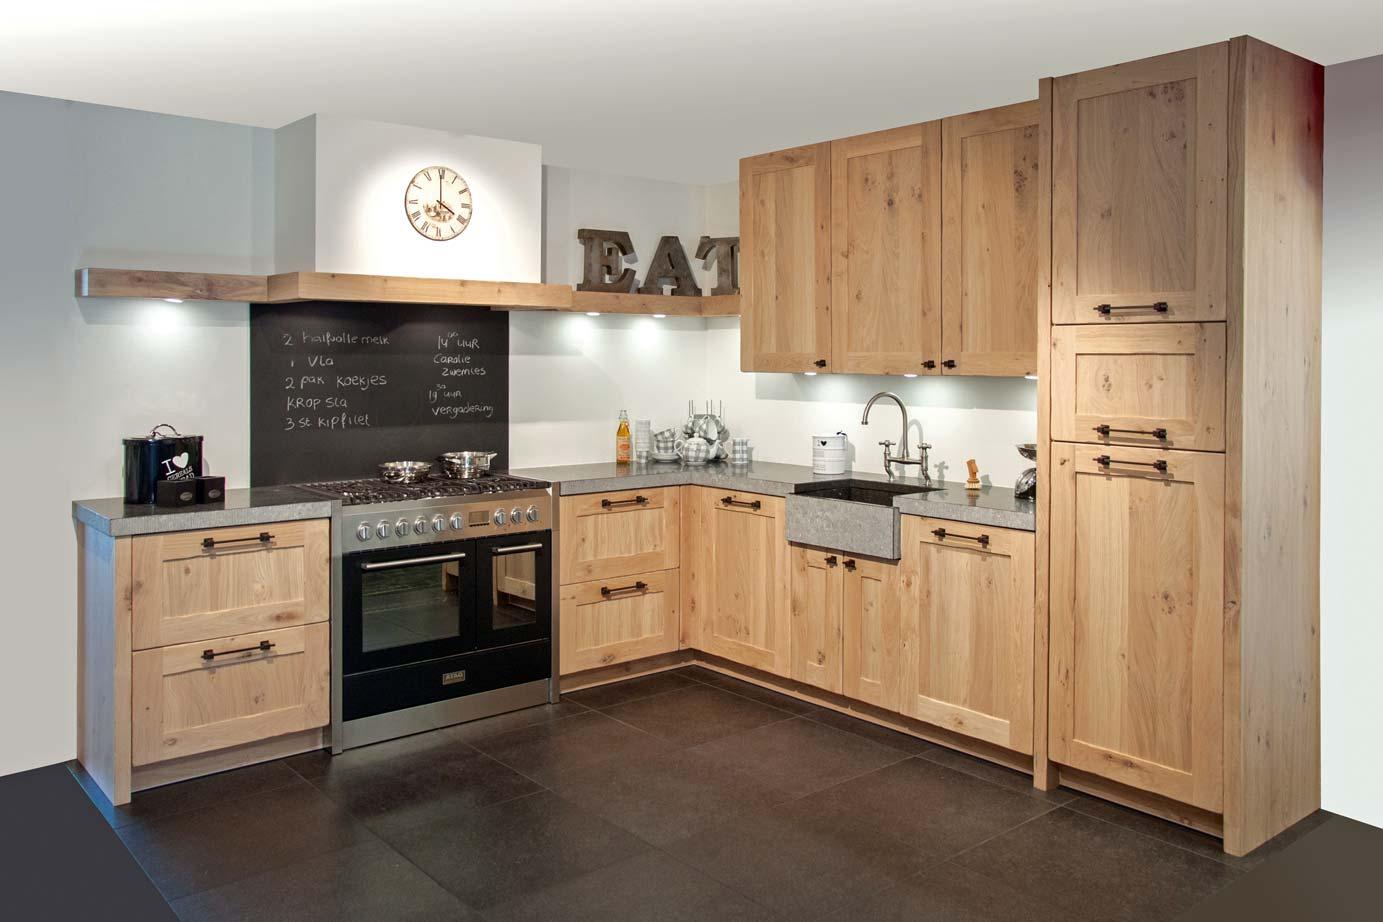 Landelijke Keukens Afbeeldingen : Landelijke keukens mooi wonen in landelijke stijl DB